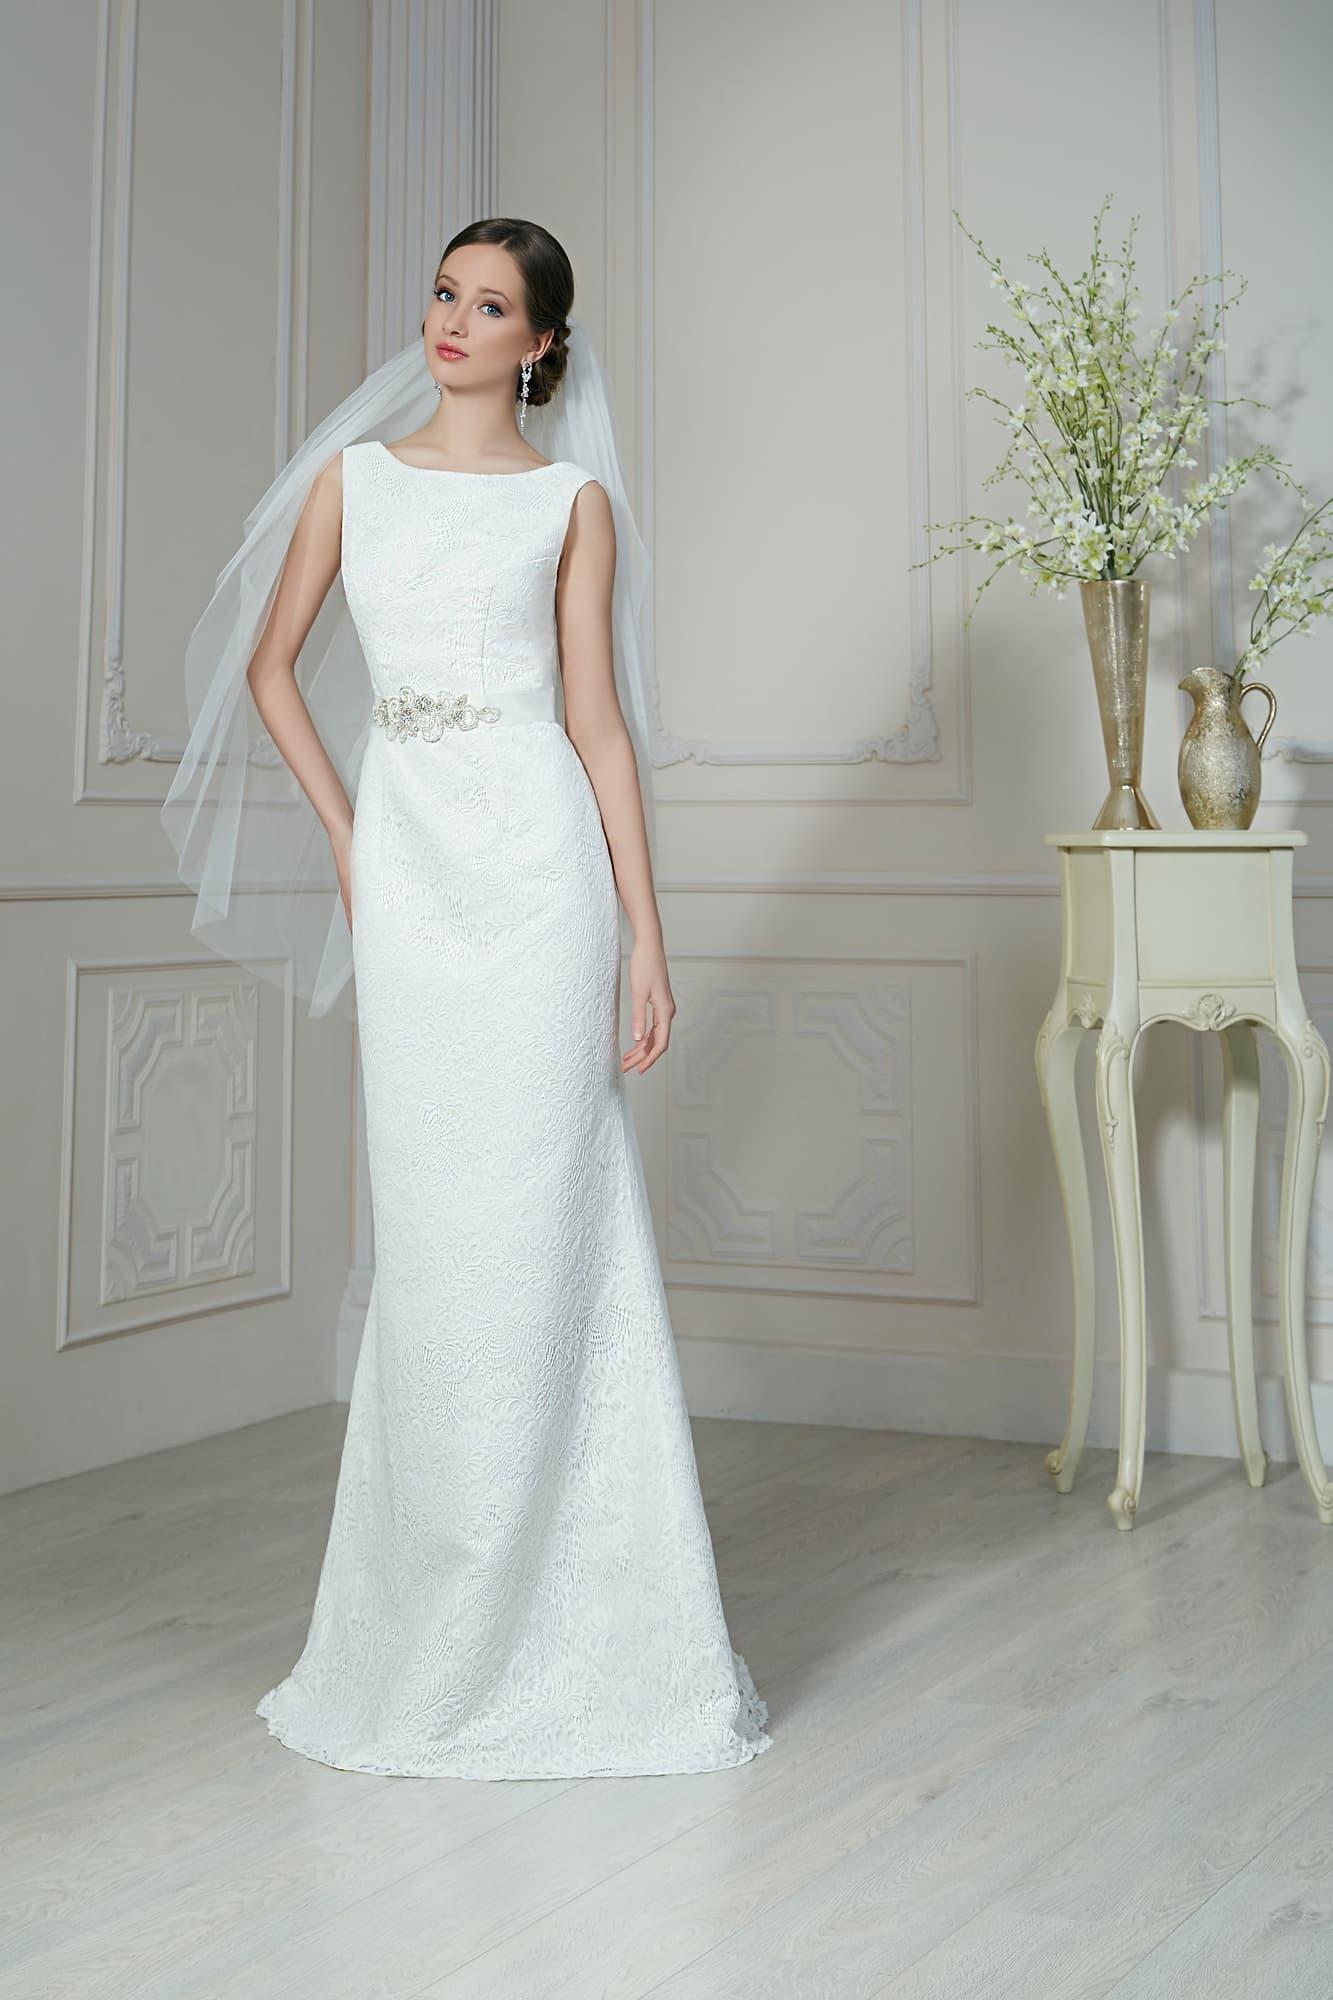 d2564cc30a79097 Закрытое свадебное платье с прямым силуэтом, открытой спинкой и поясом из  атласа.